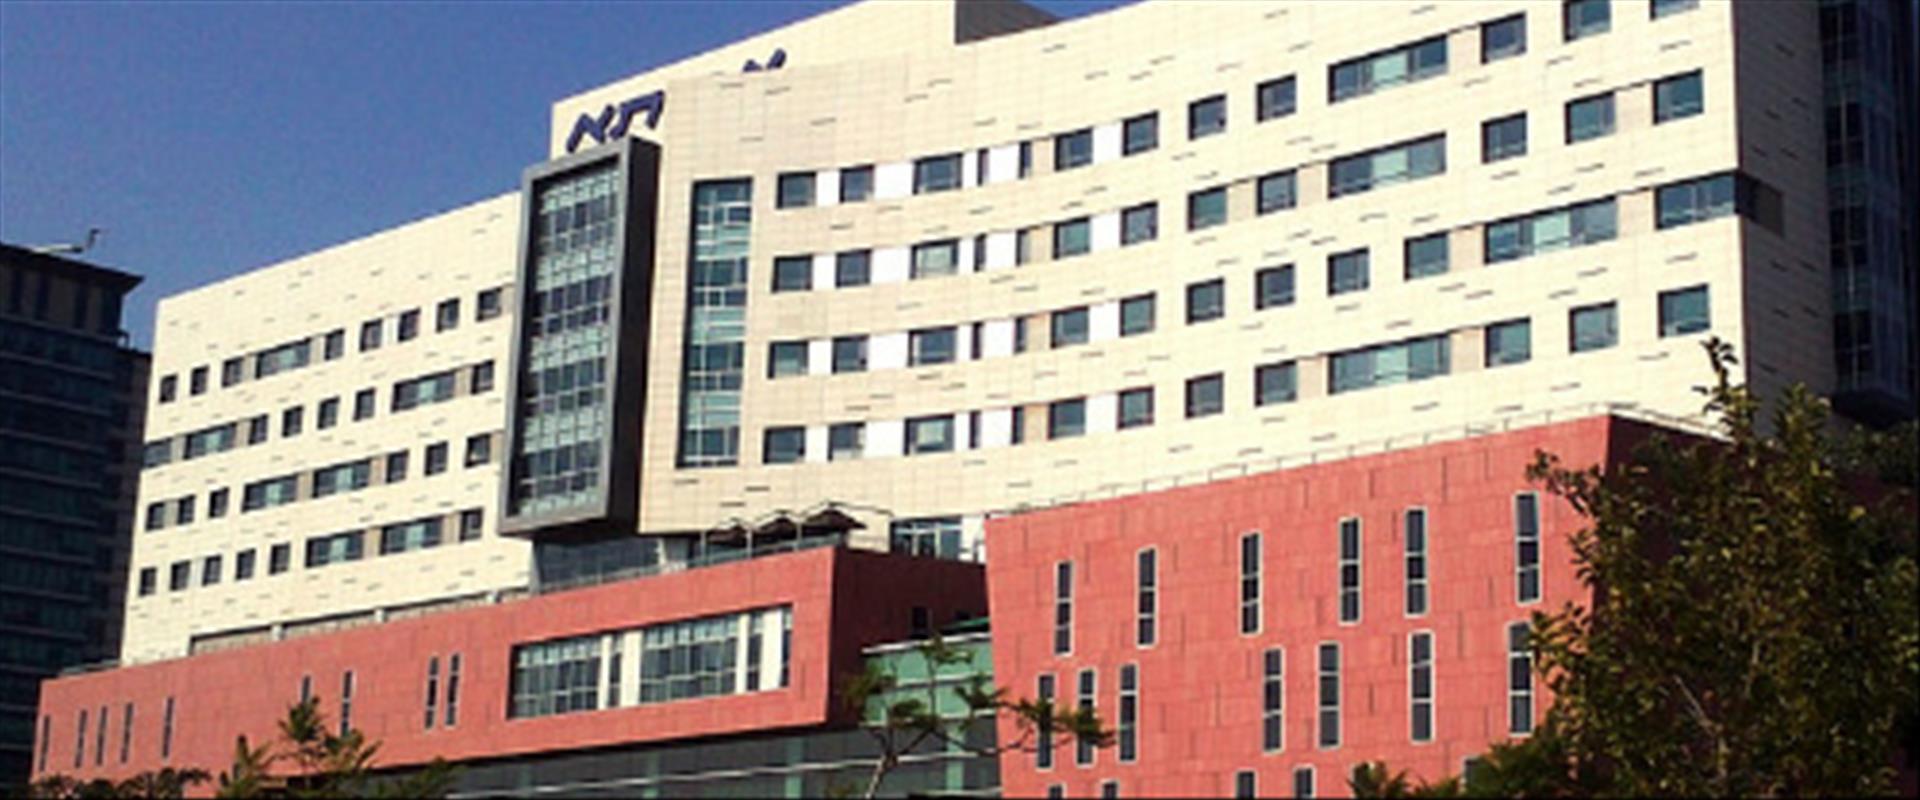 בית החולים אסותא